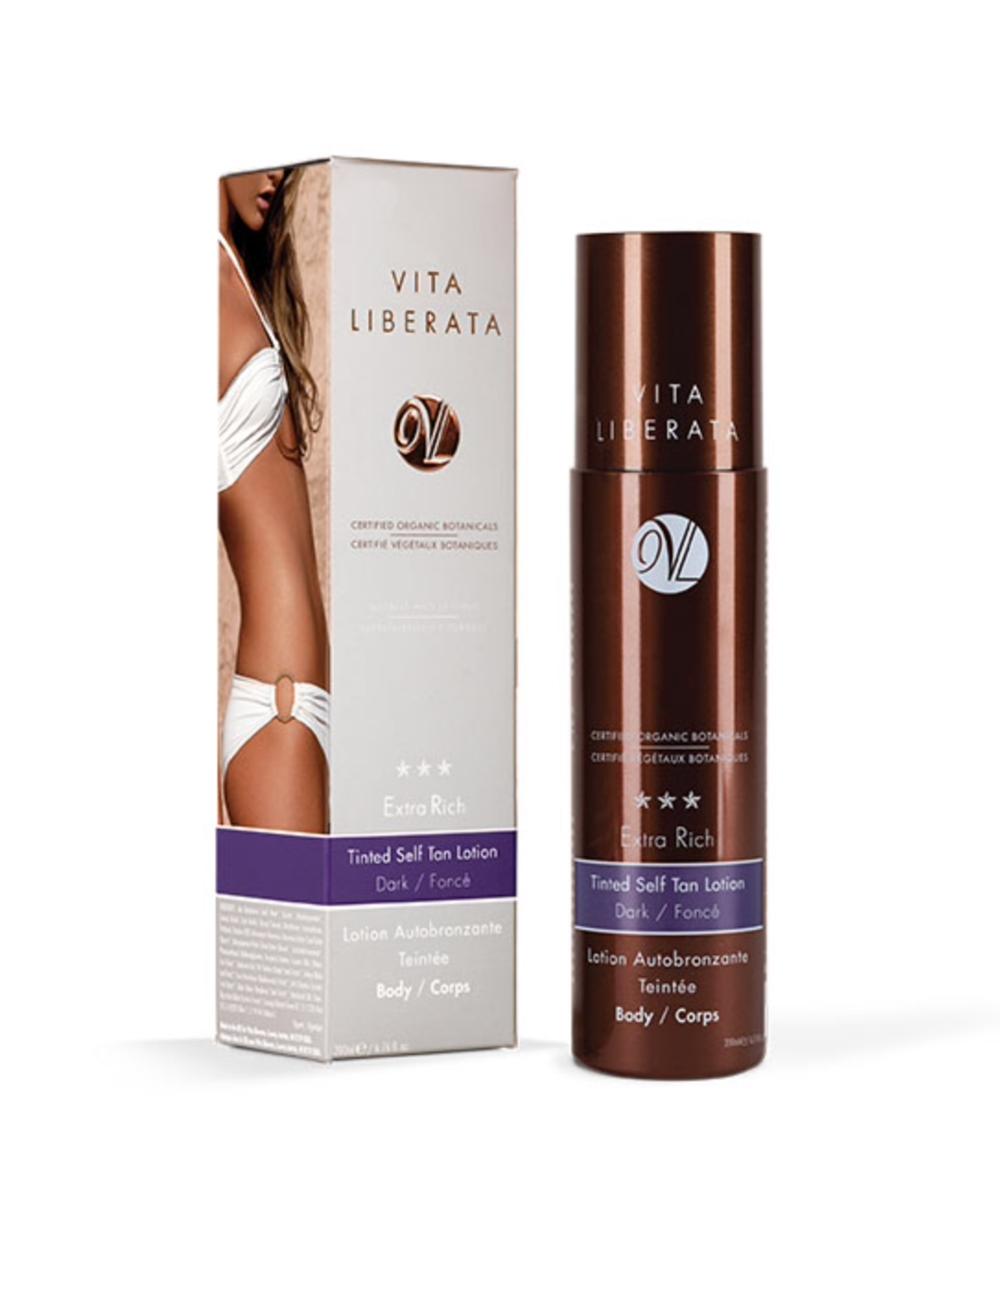 Har du tørr hud er denne perfekt! Gir en jevn farge samtidig som den gir mye fukt til huden.